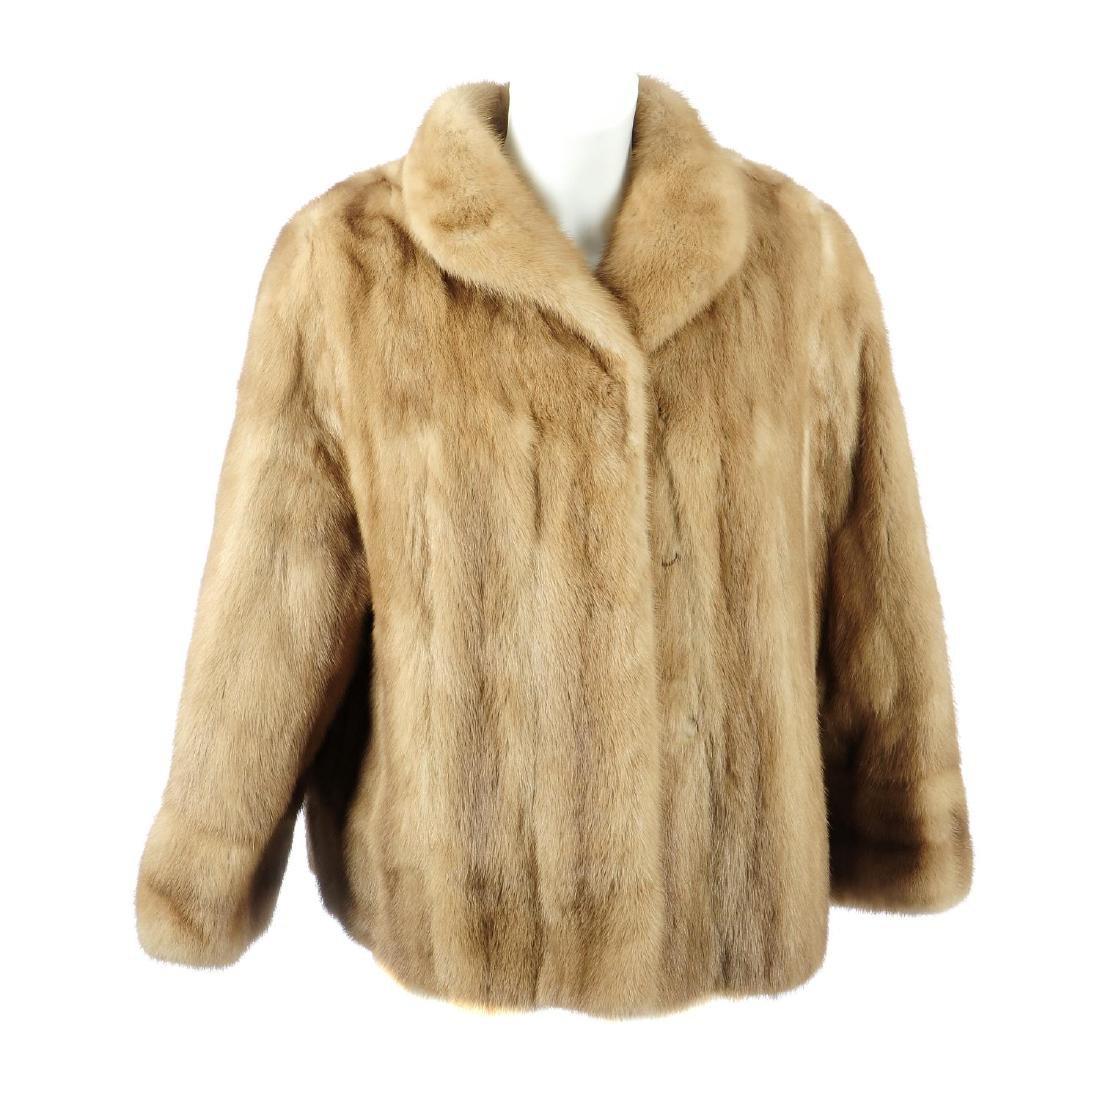 A pastel mink A-line jacket. Designed with a lapel